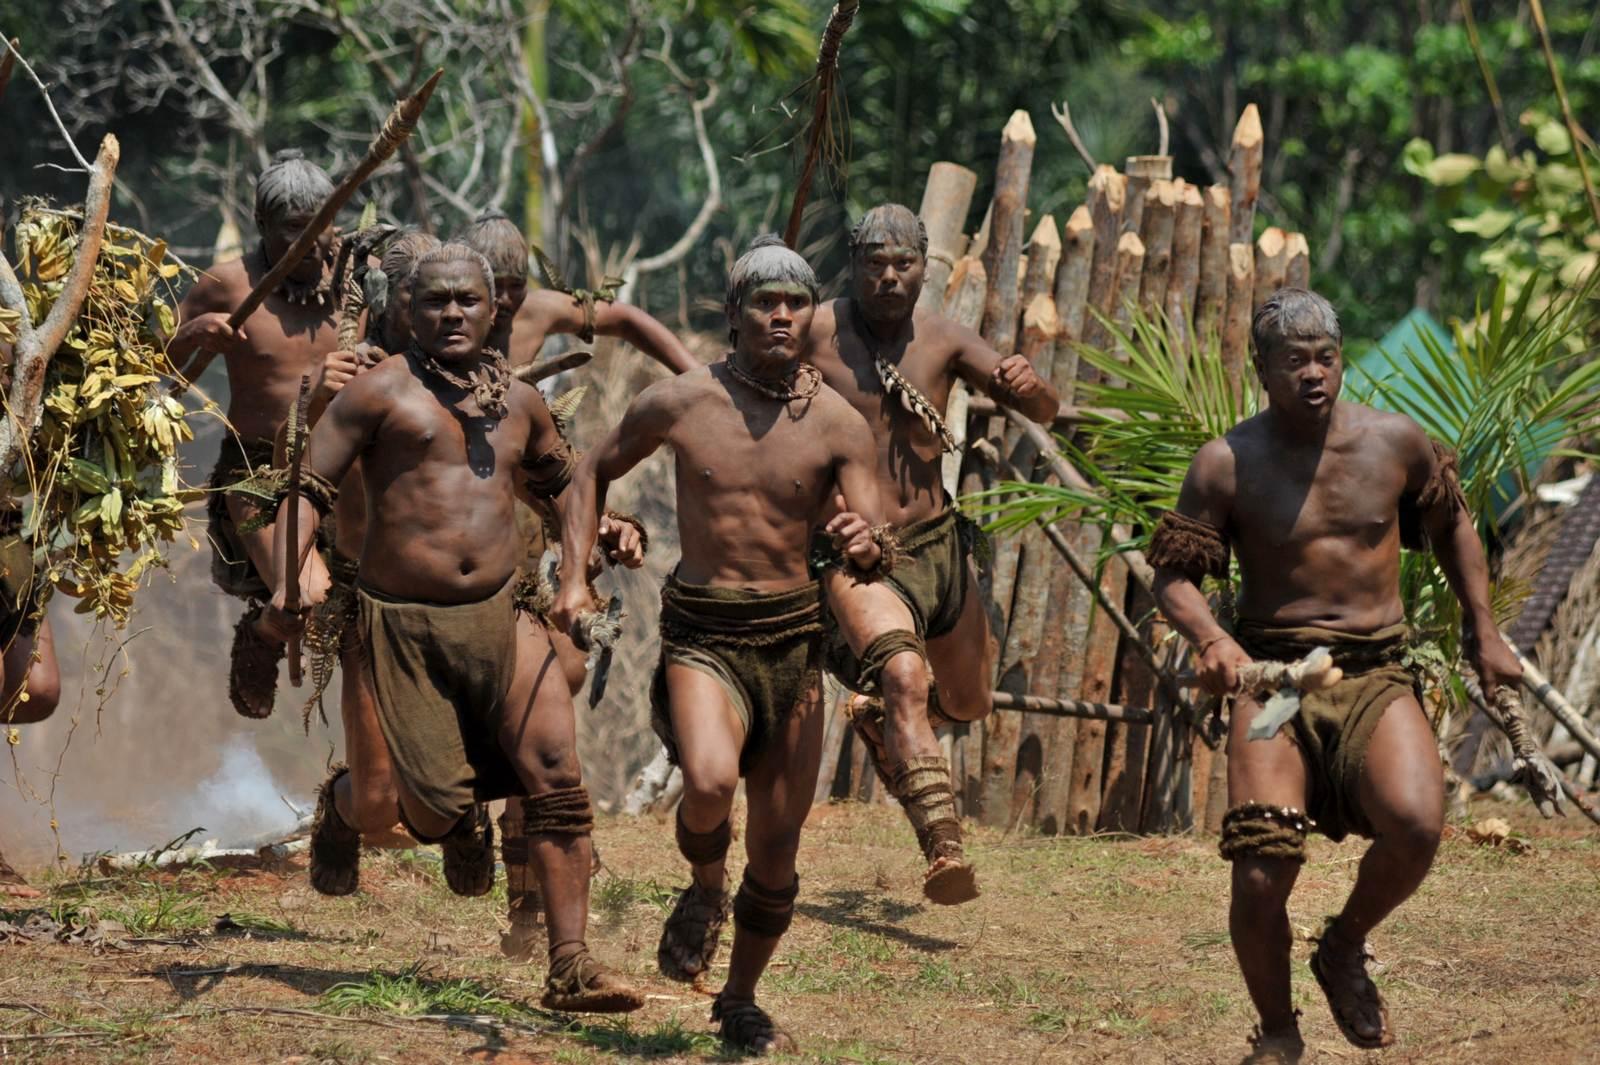 Голые племена африки на видео смотреть онлайн